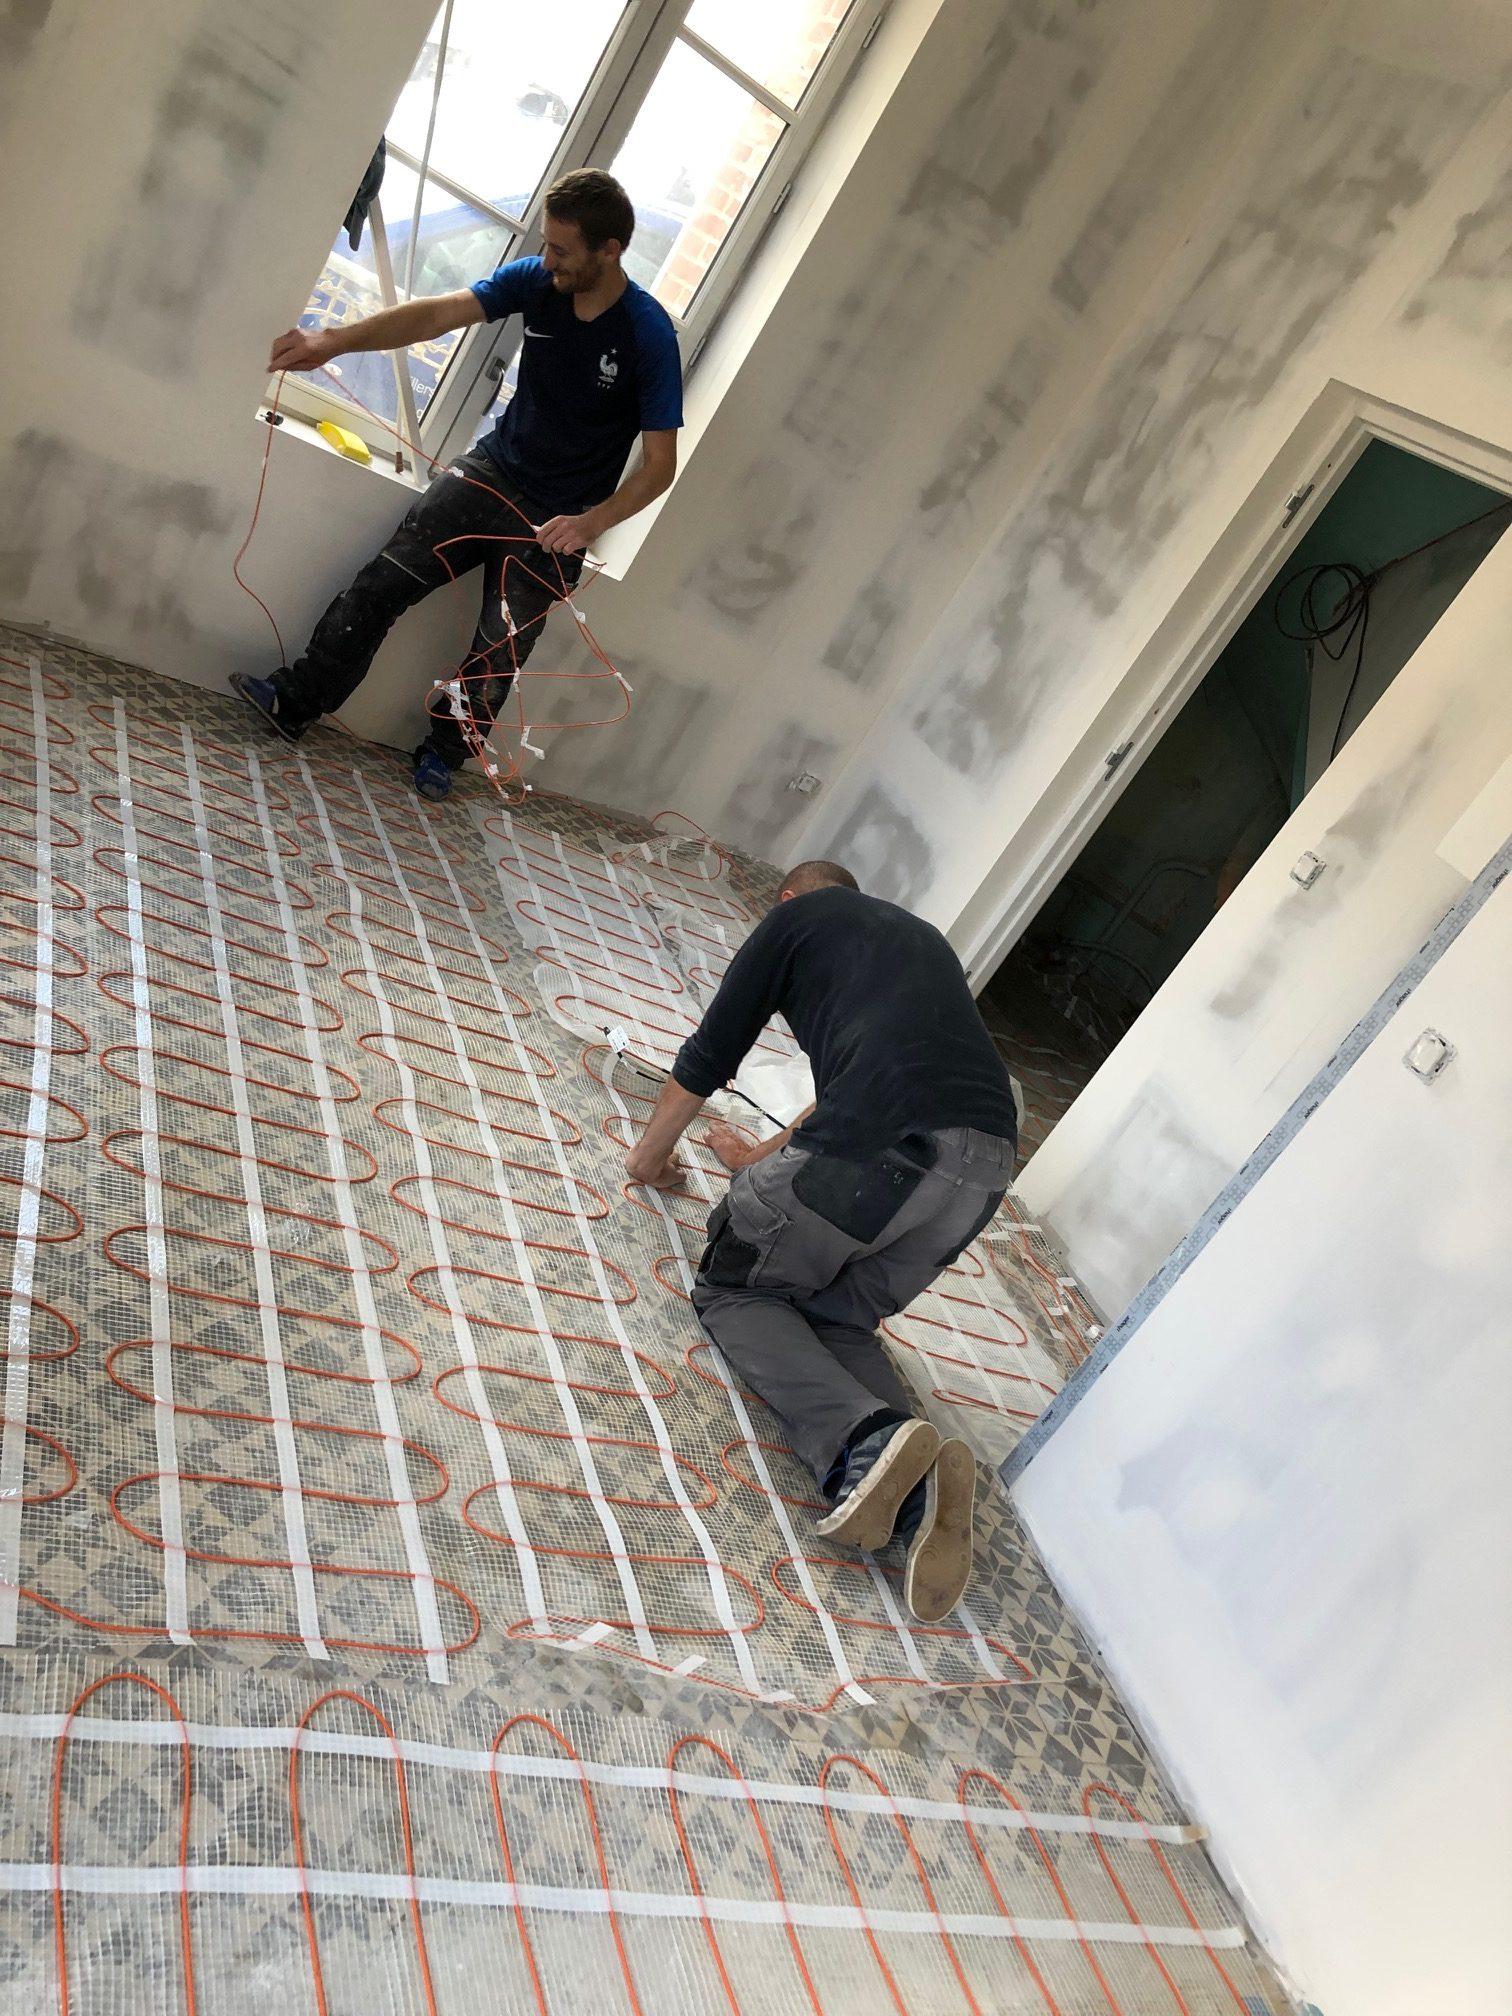 Pause d'un plancher chauffant spécial rénovation sur carrelage existant et noyer dans seulement 2 cm de réagréage  avant repose de carrelage avec notre partenaire Thermor